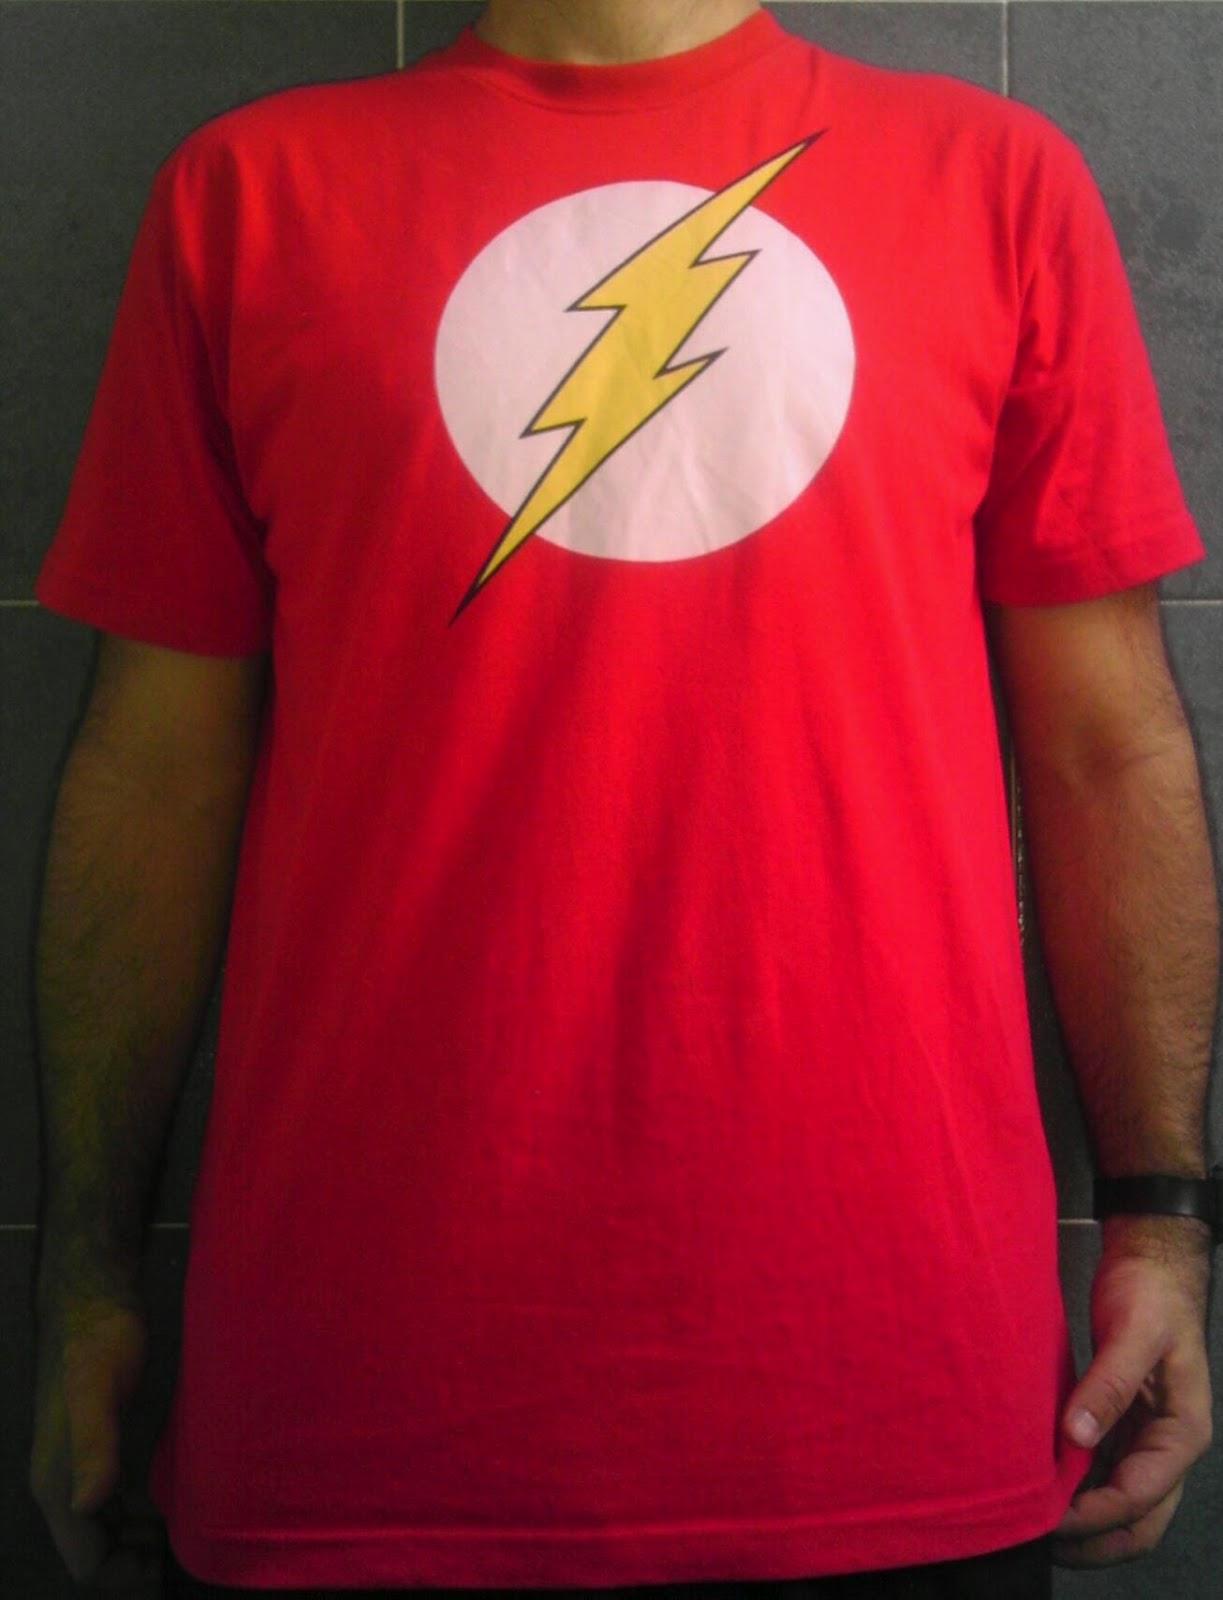 Snoopy T-shirt maglietta maglia Peanuts Fumetti Charlie Brown idea regalo 21